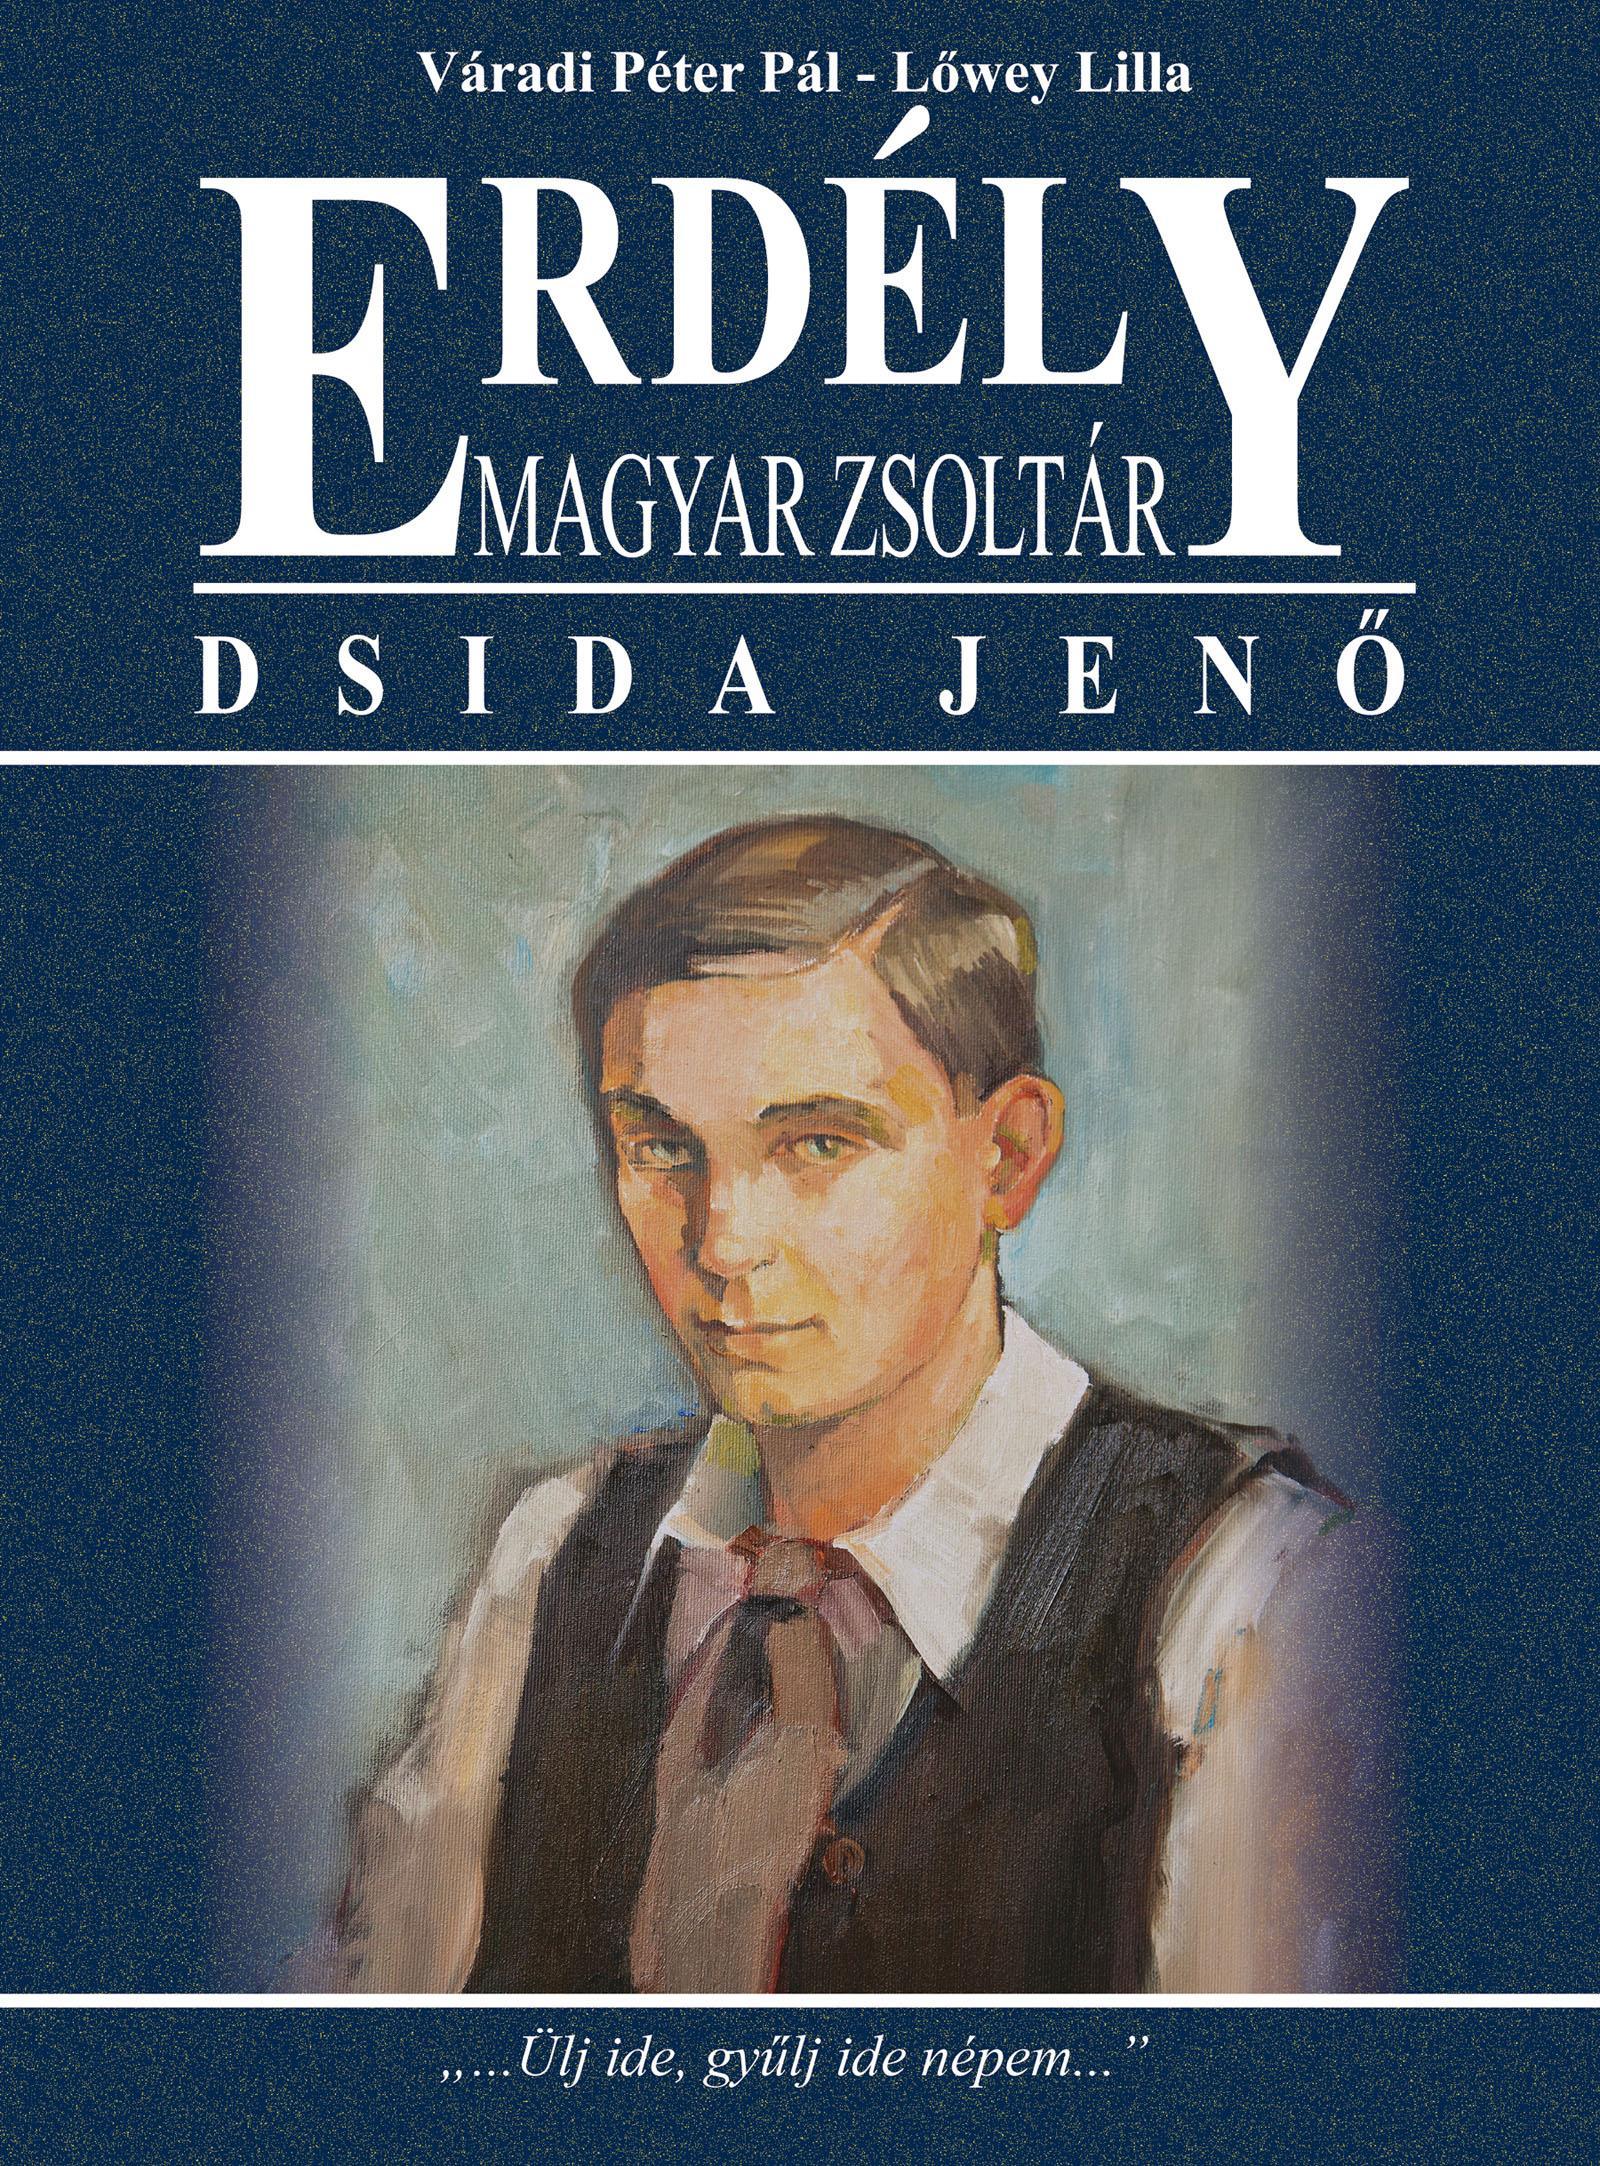 ERDÉLY - MAGYAR ZSOLTÁR - DSIDA JENŐ